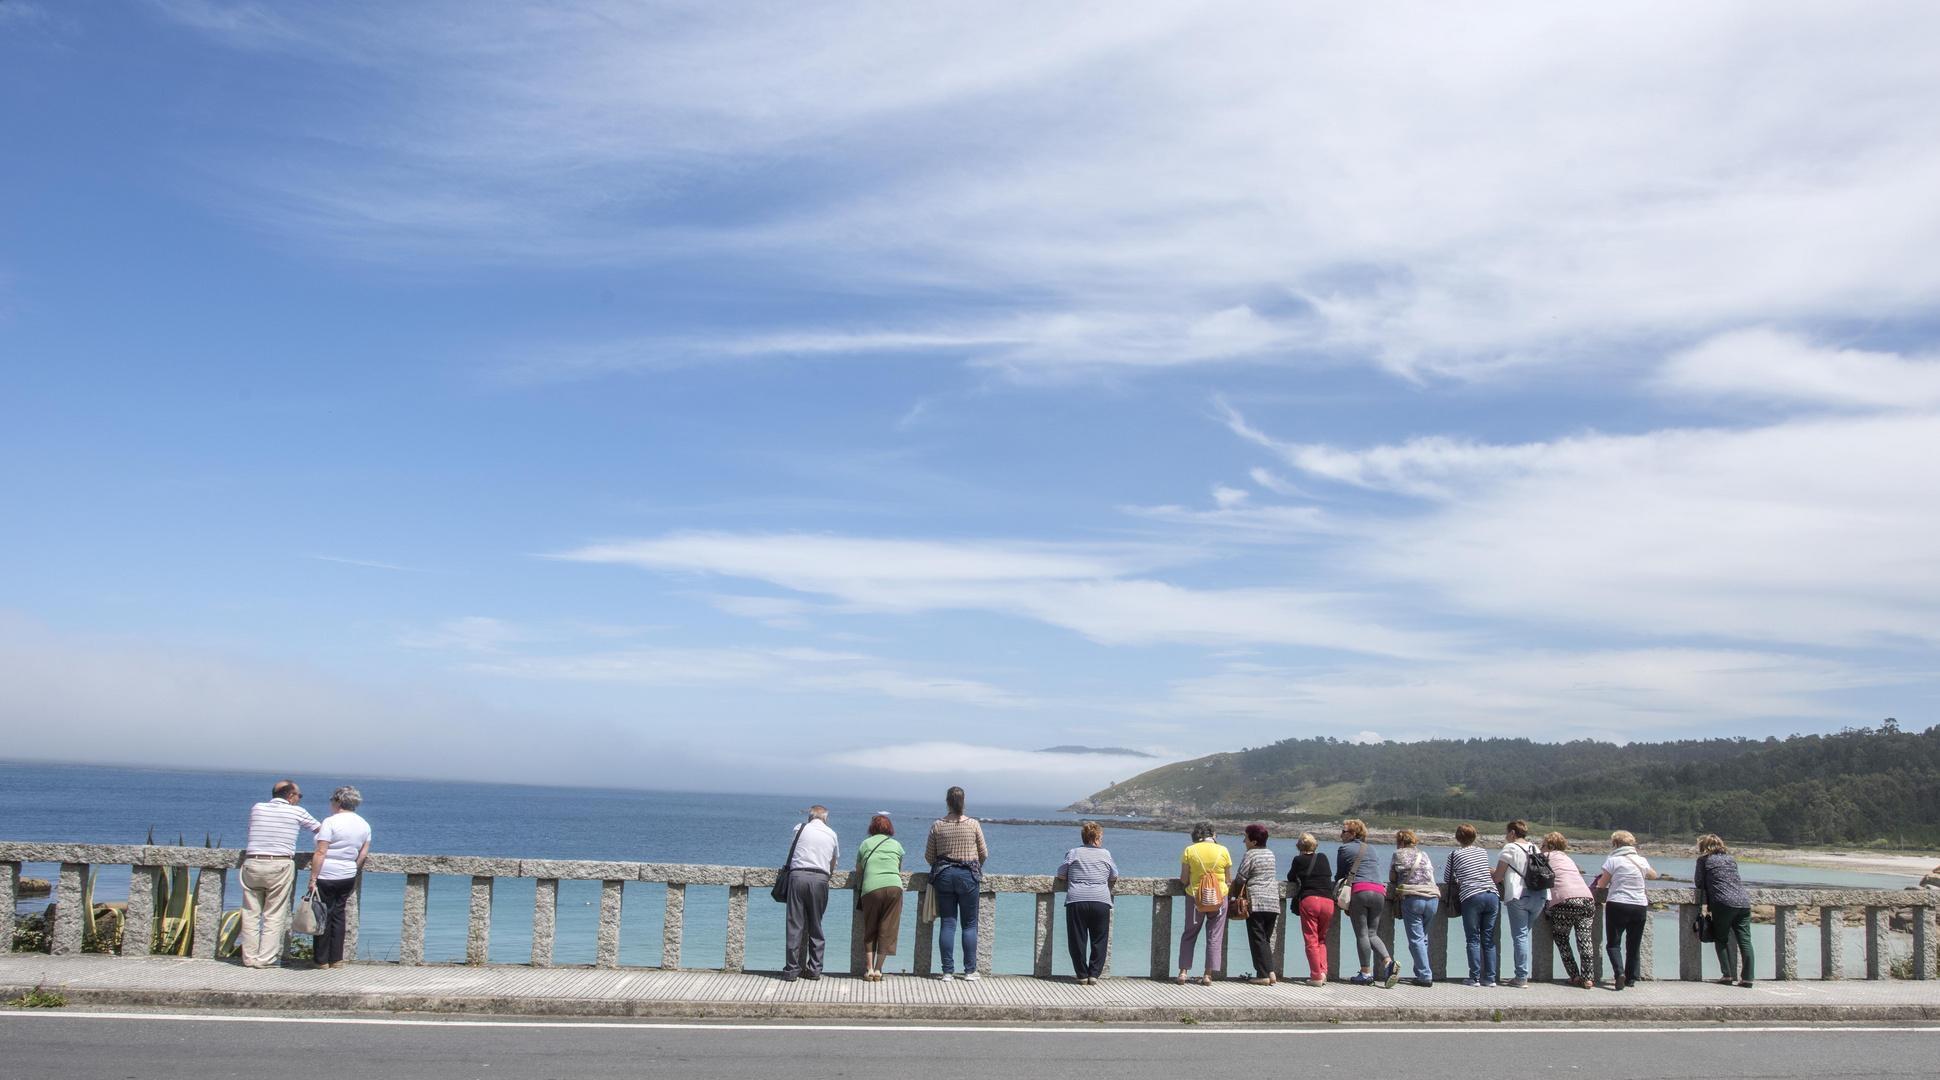 Mirando al mar en la primavera de 2017 en galicia